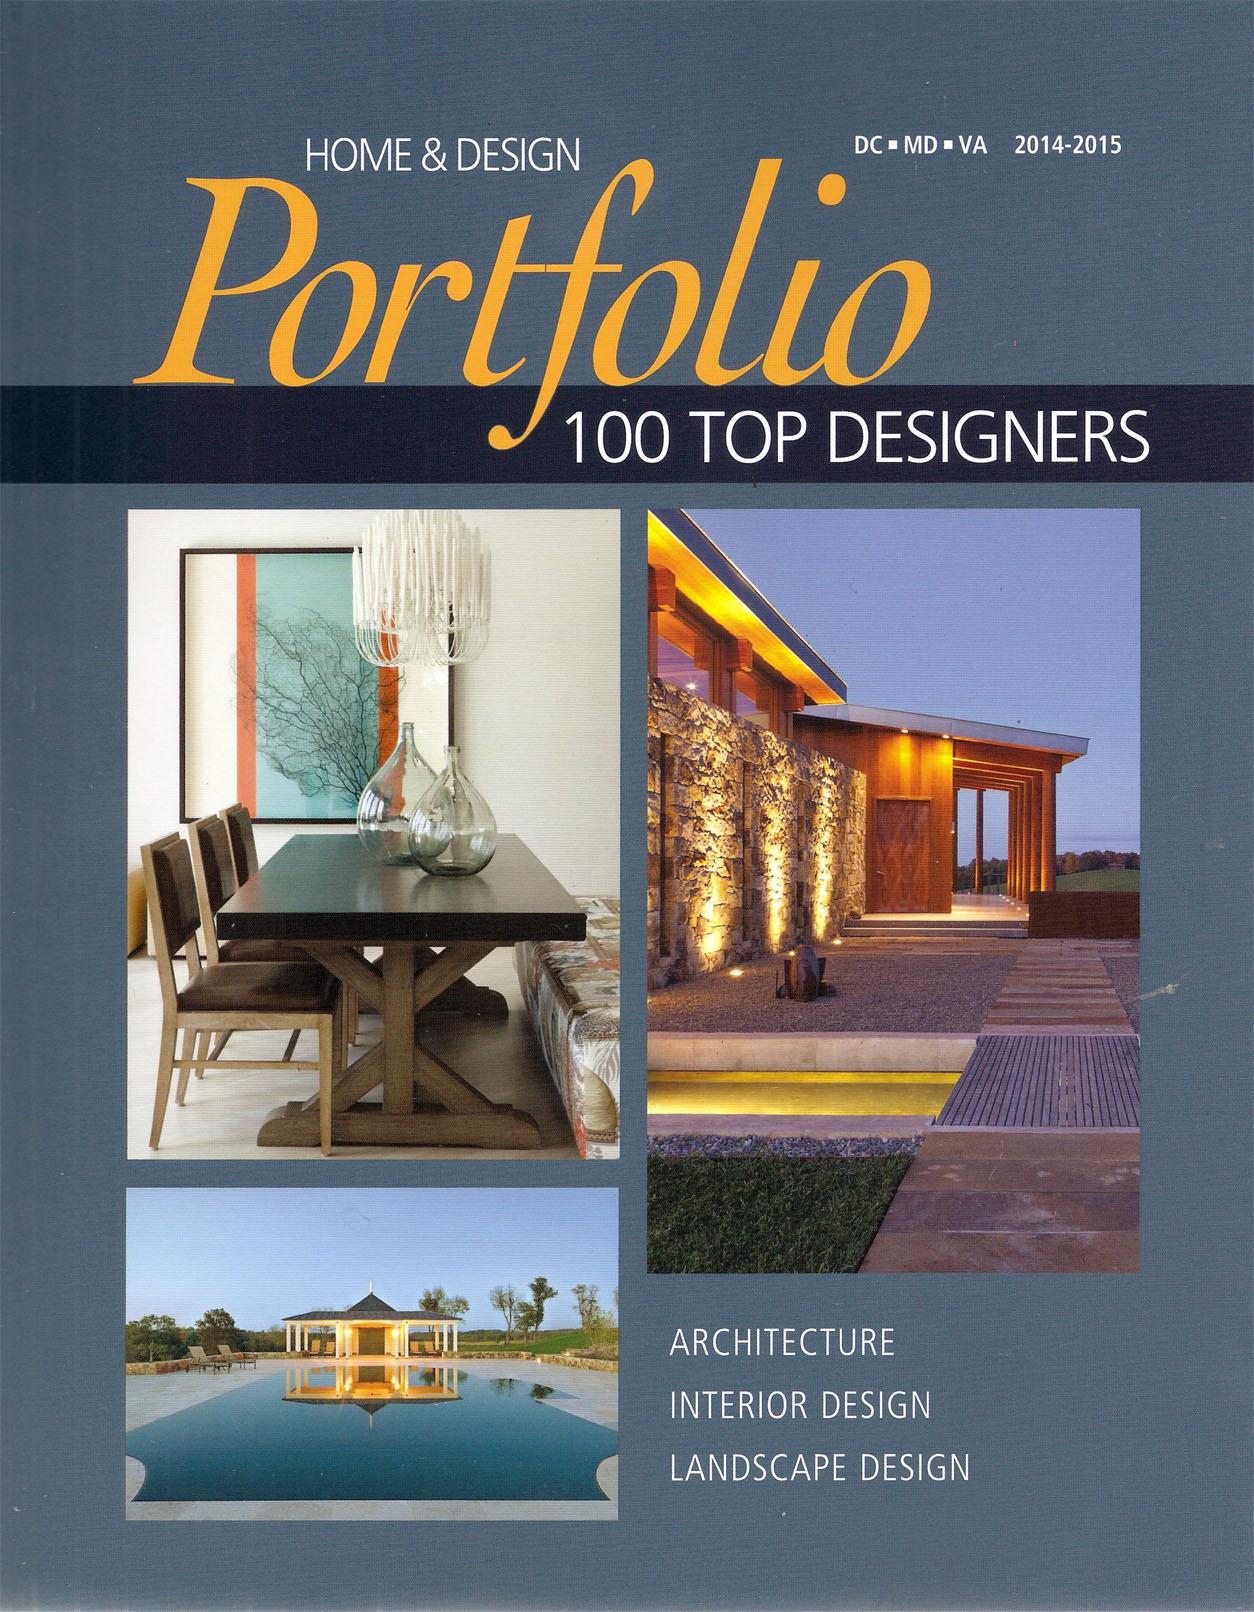 Home & Design Portfolio 2014-15 100 Top Designers